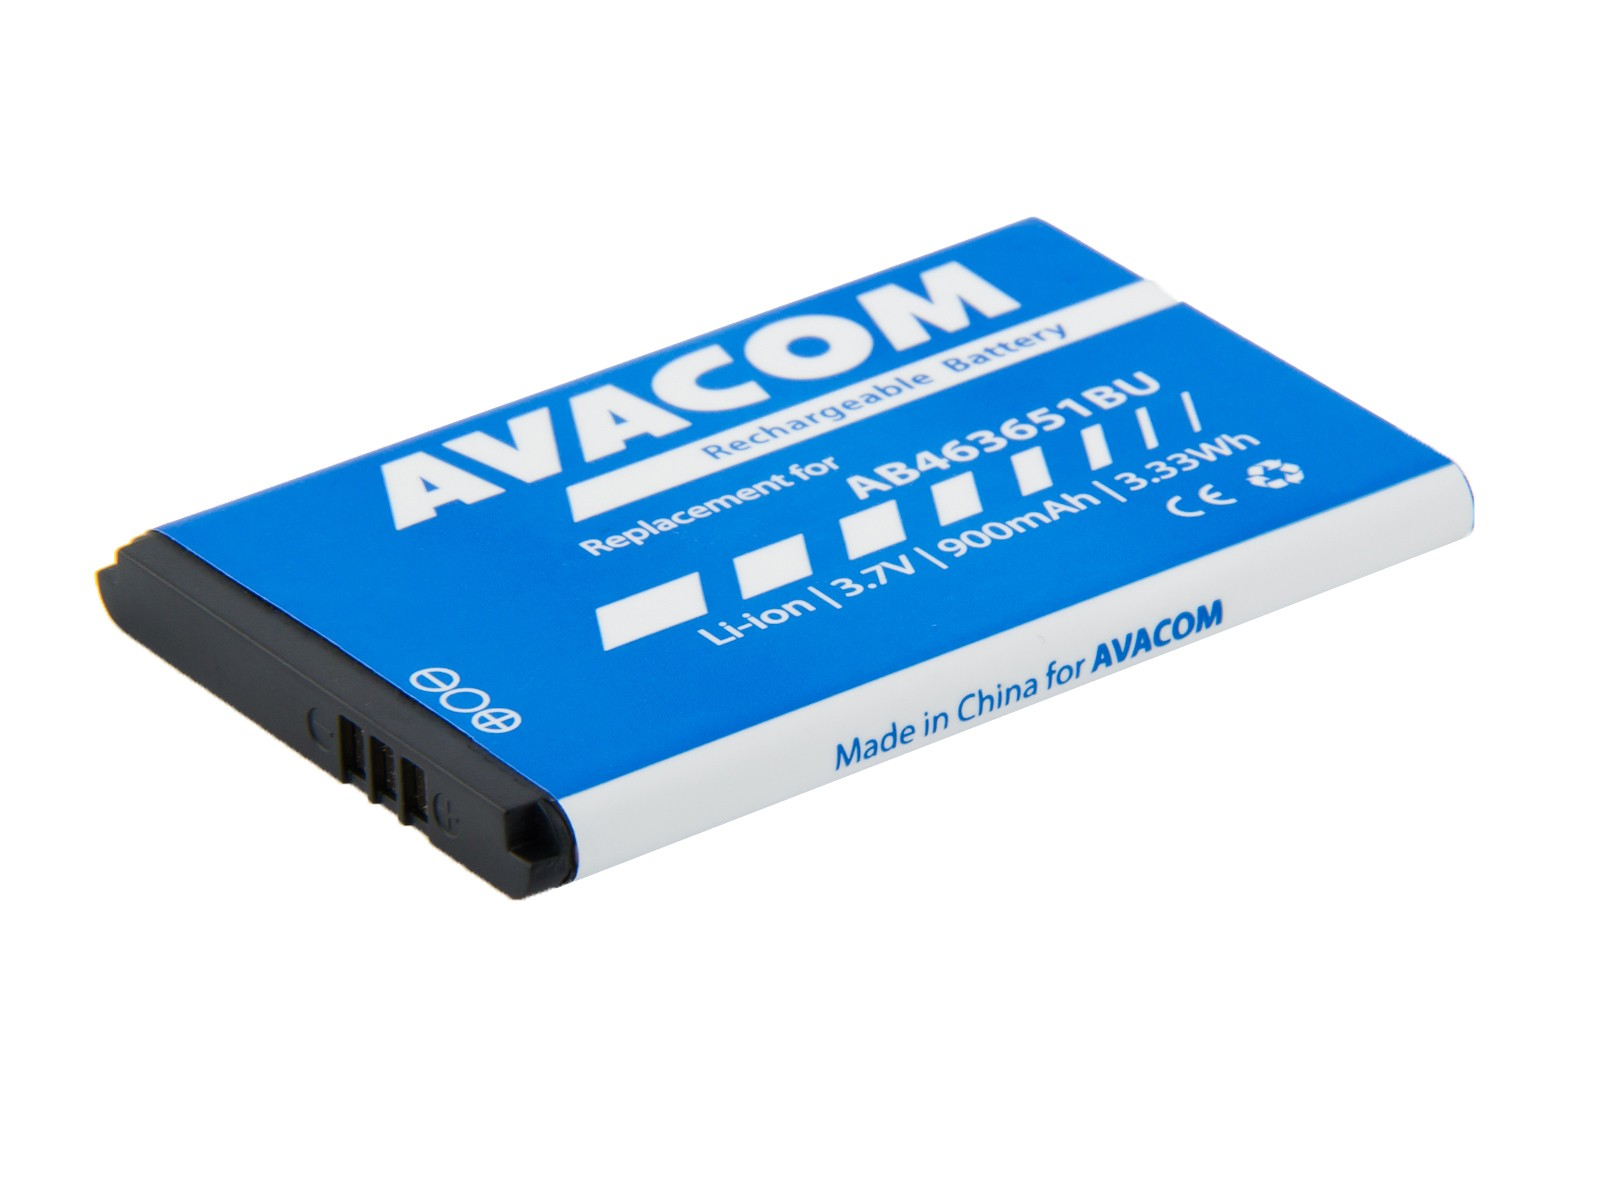 Baterie AVACOM GSSA-S5610-900 do mobilu Samsung B3410 Corby plus Li-Ion 3,7V 900mAh - GSSA-S5610-900